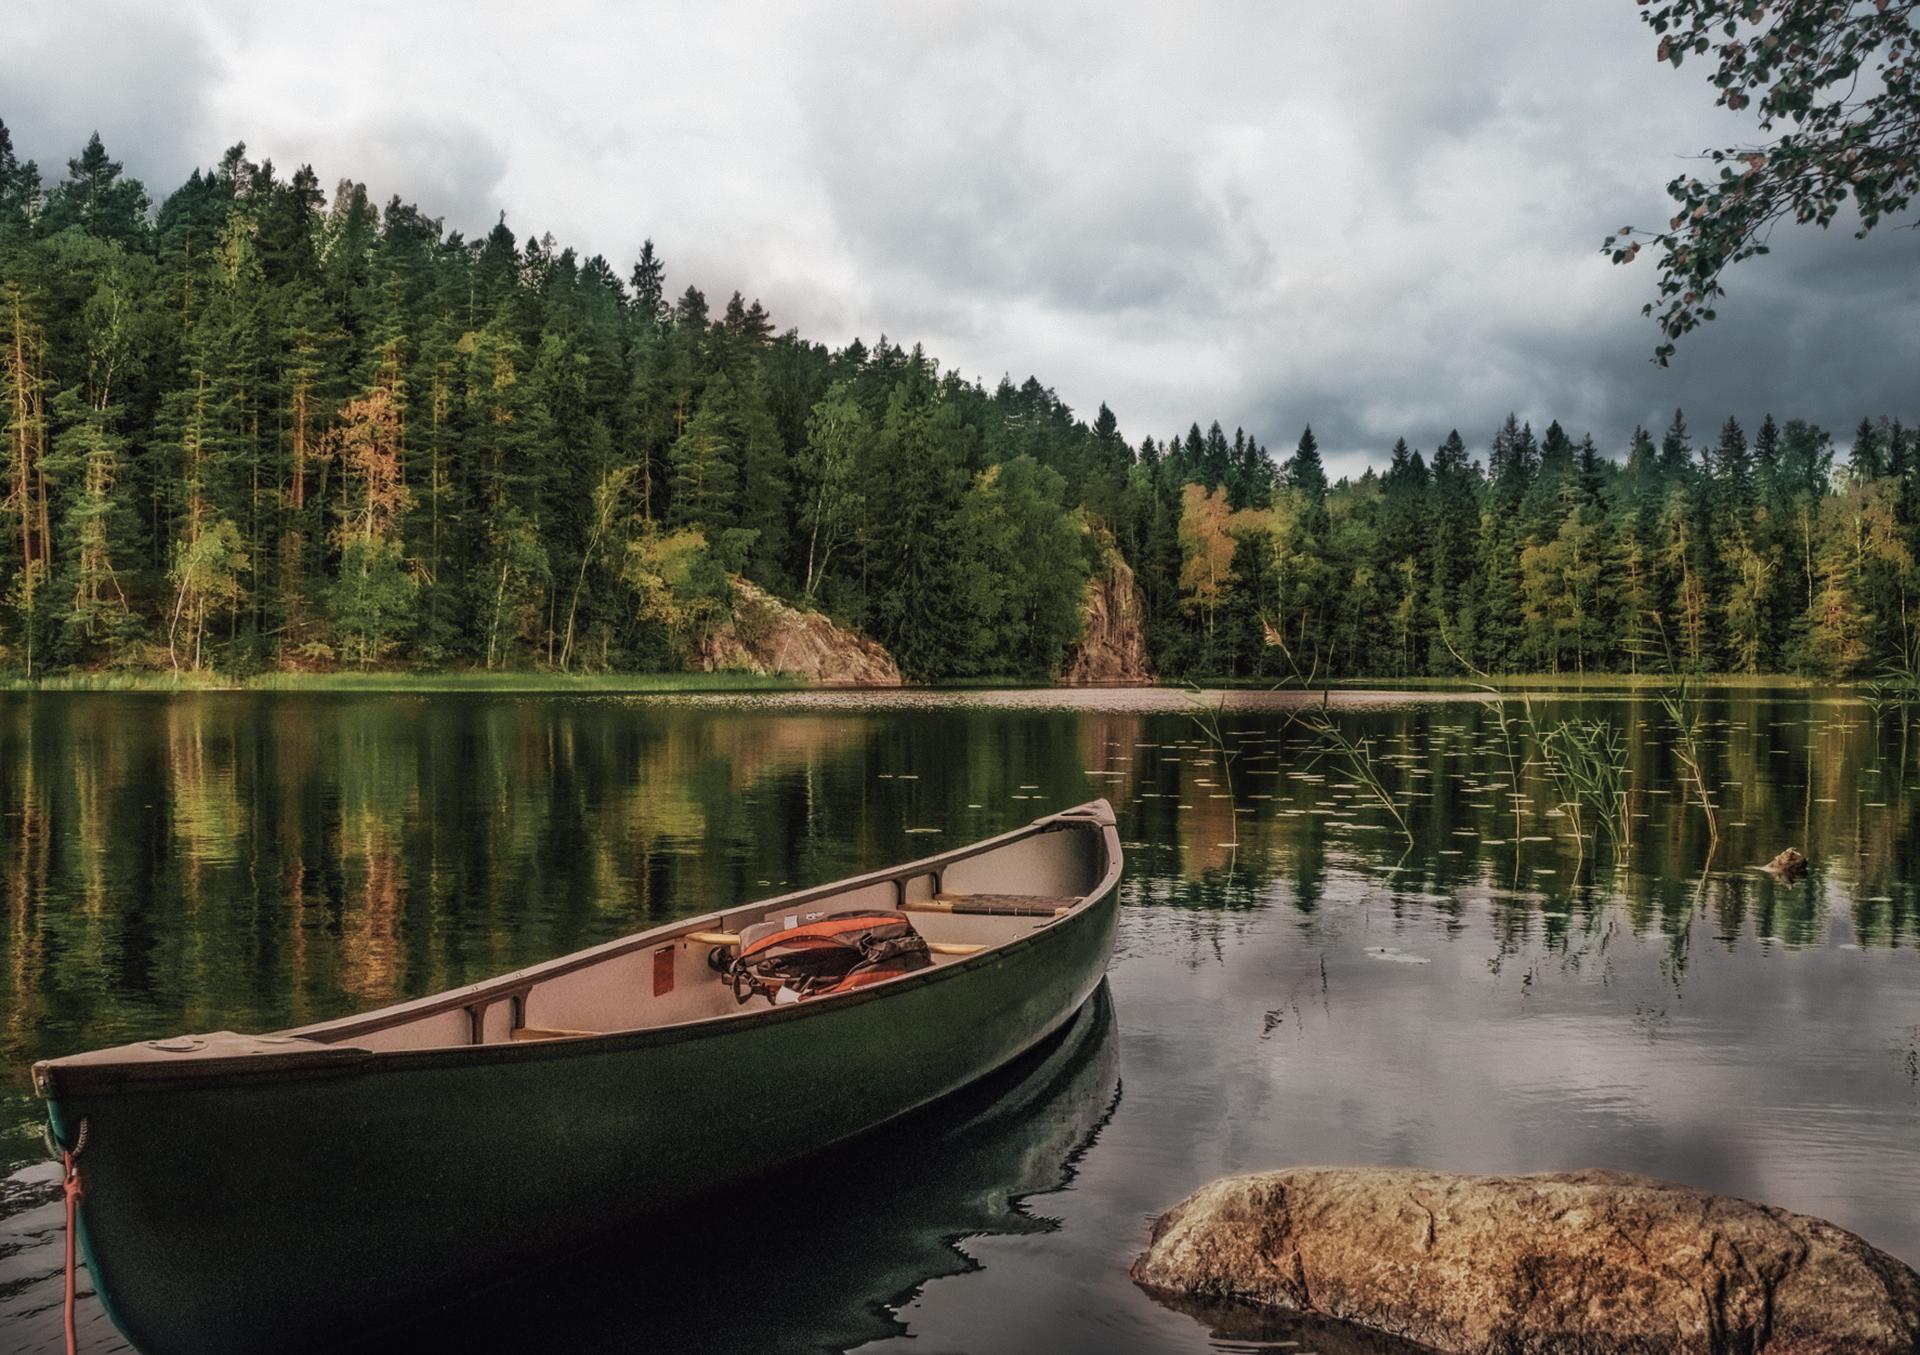 Vene ja metsäinen järvimaisema